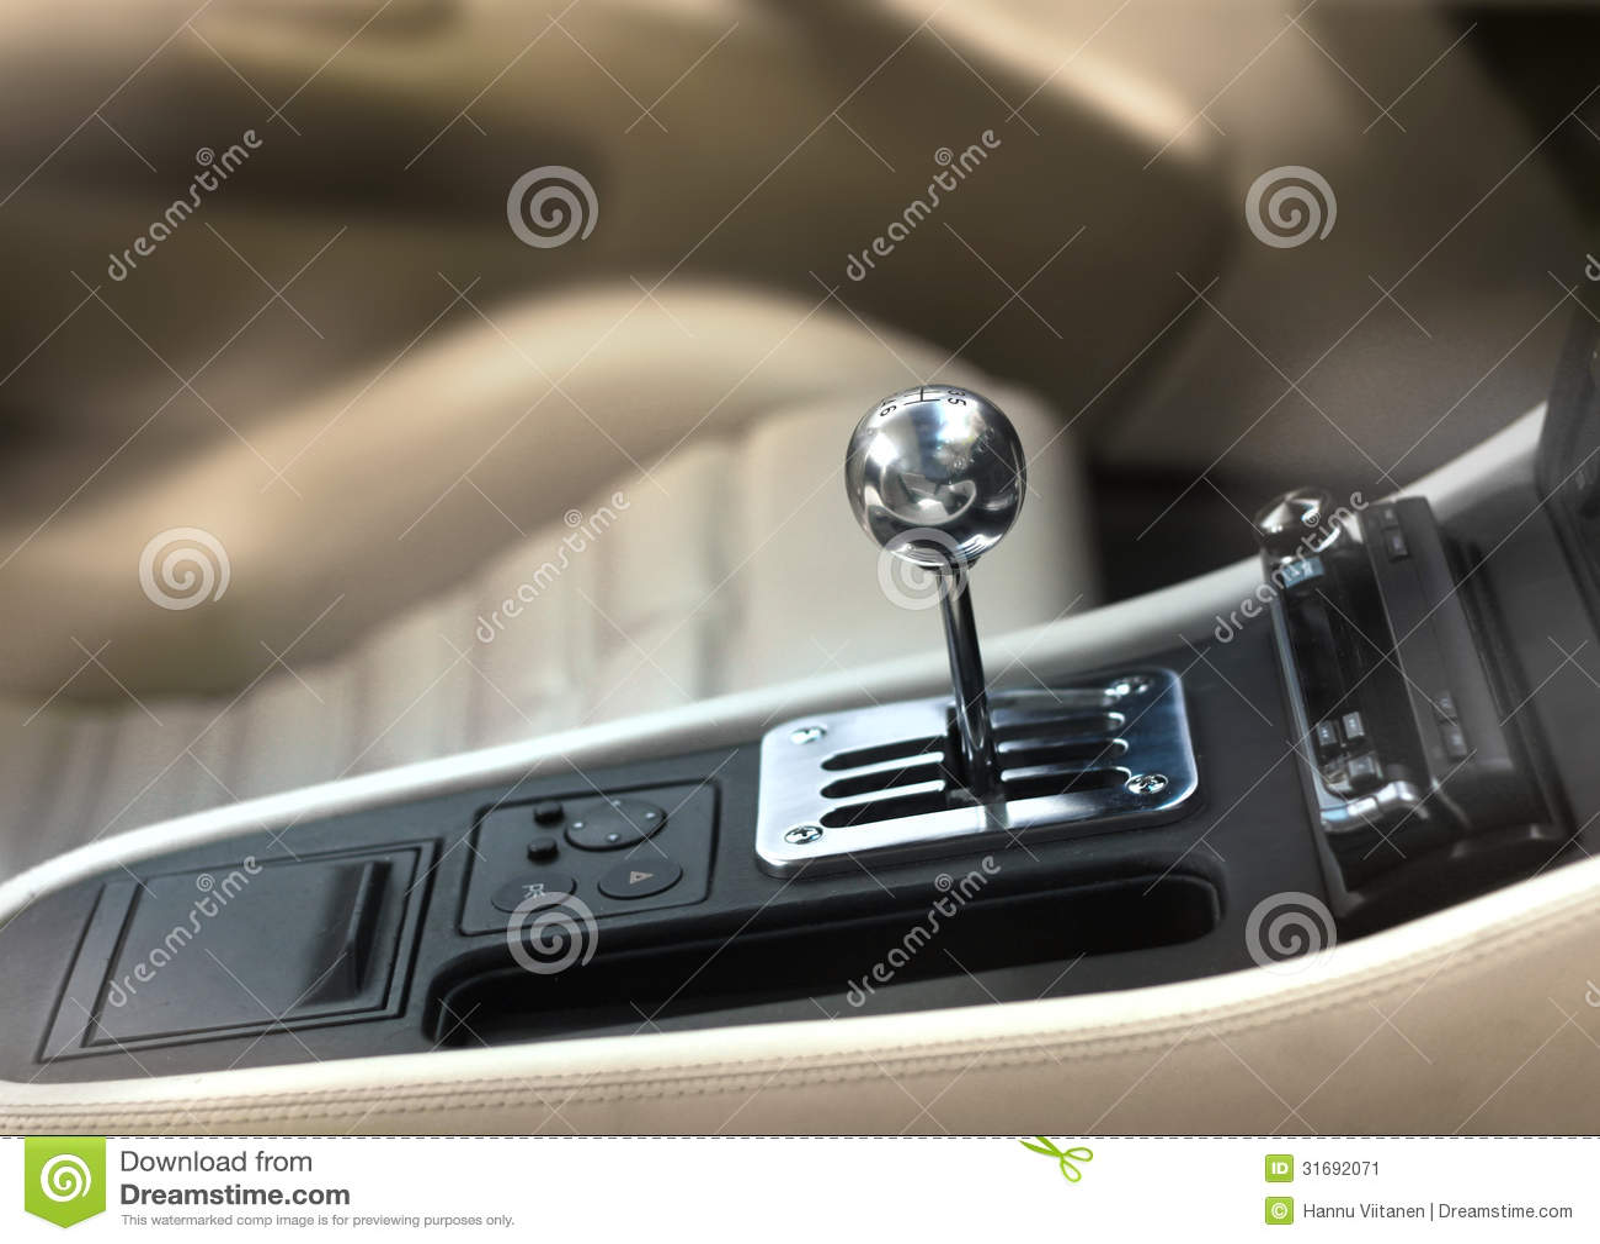 bouton de changement de vitesse de voiture de sport image stock image 31692071. Black Bedroom Furniture Sets. Home Design Ideas